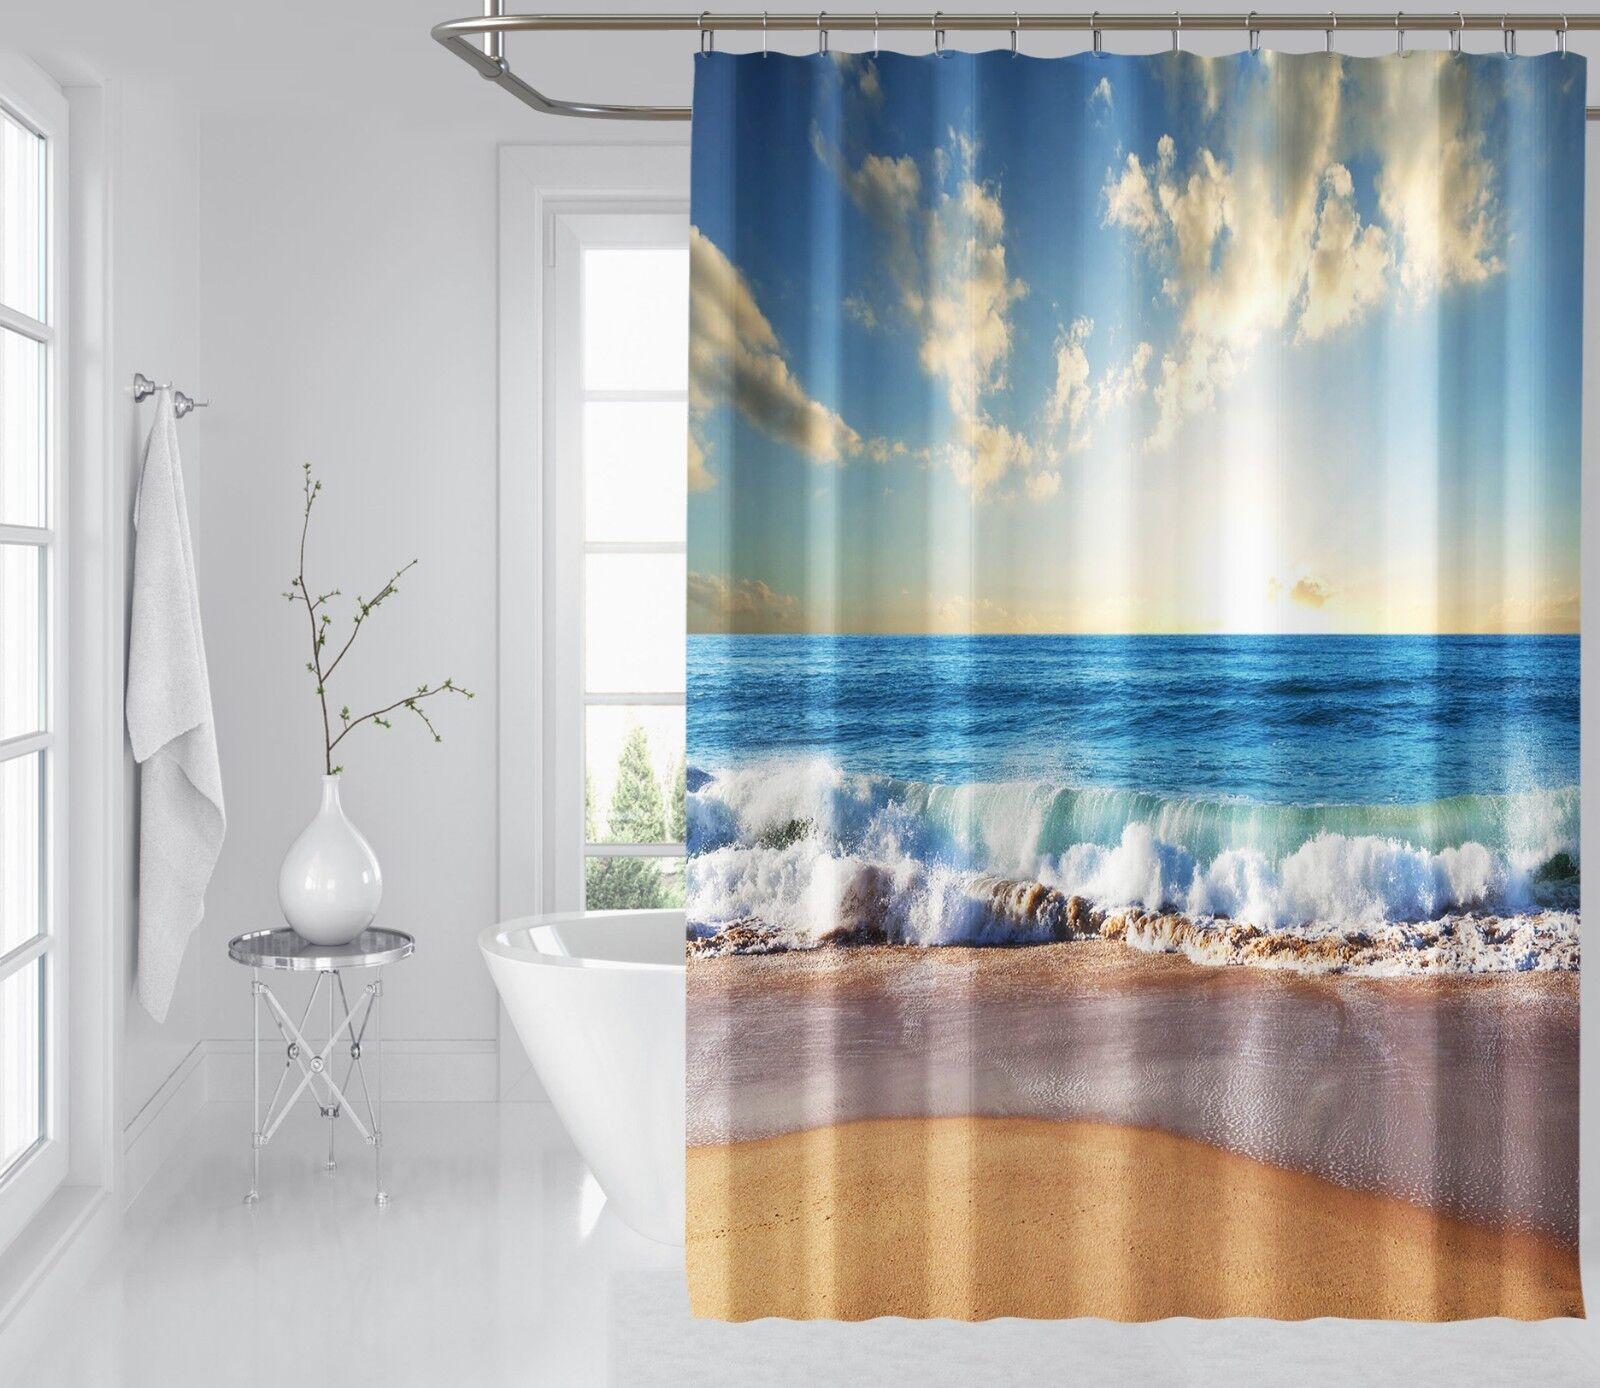 3D mer marée Bleu 55 Rideau de Douche Imperméable Fibre Salle de Bain Home Windows Toilette